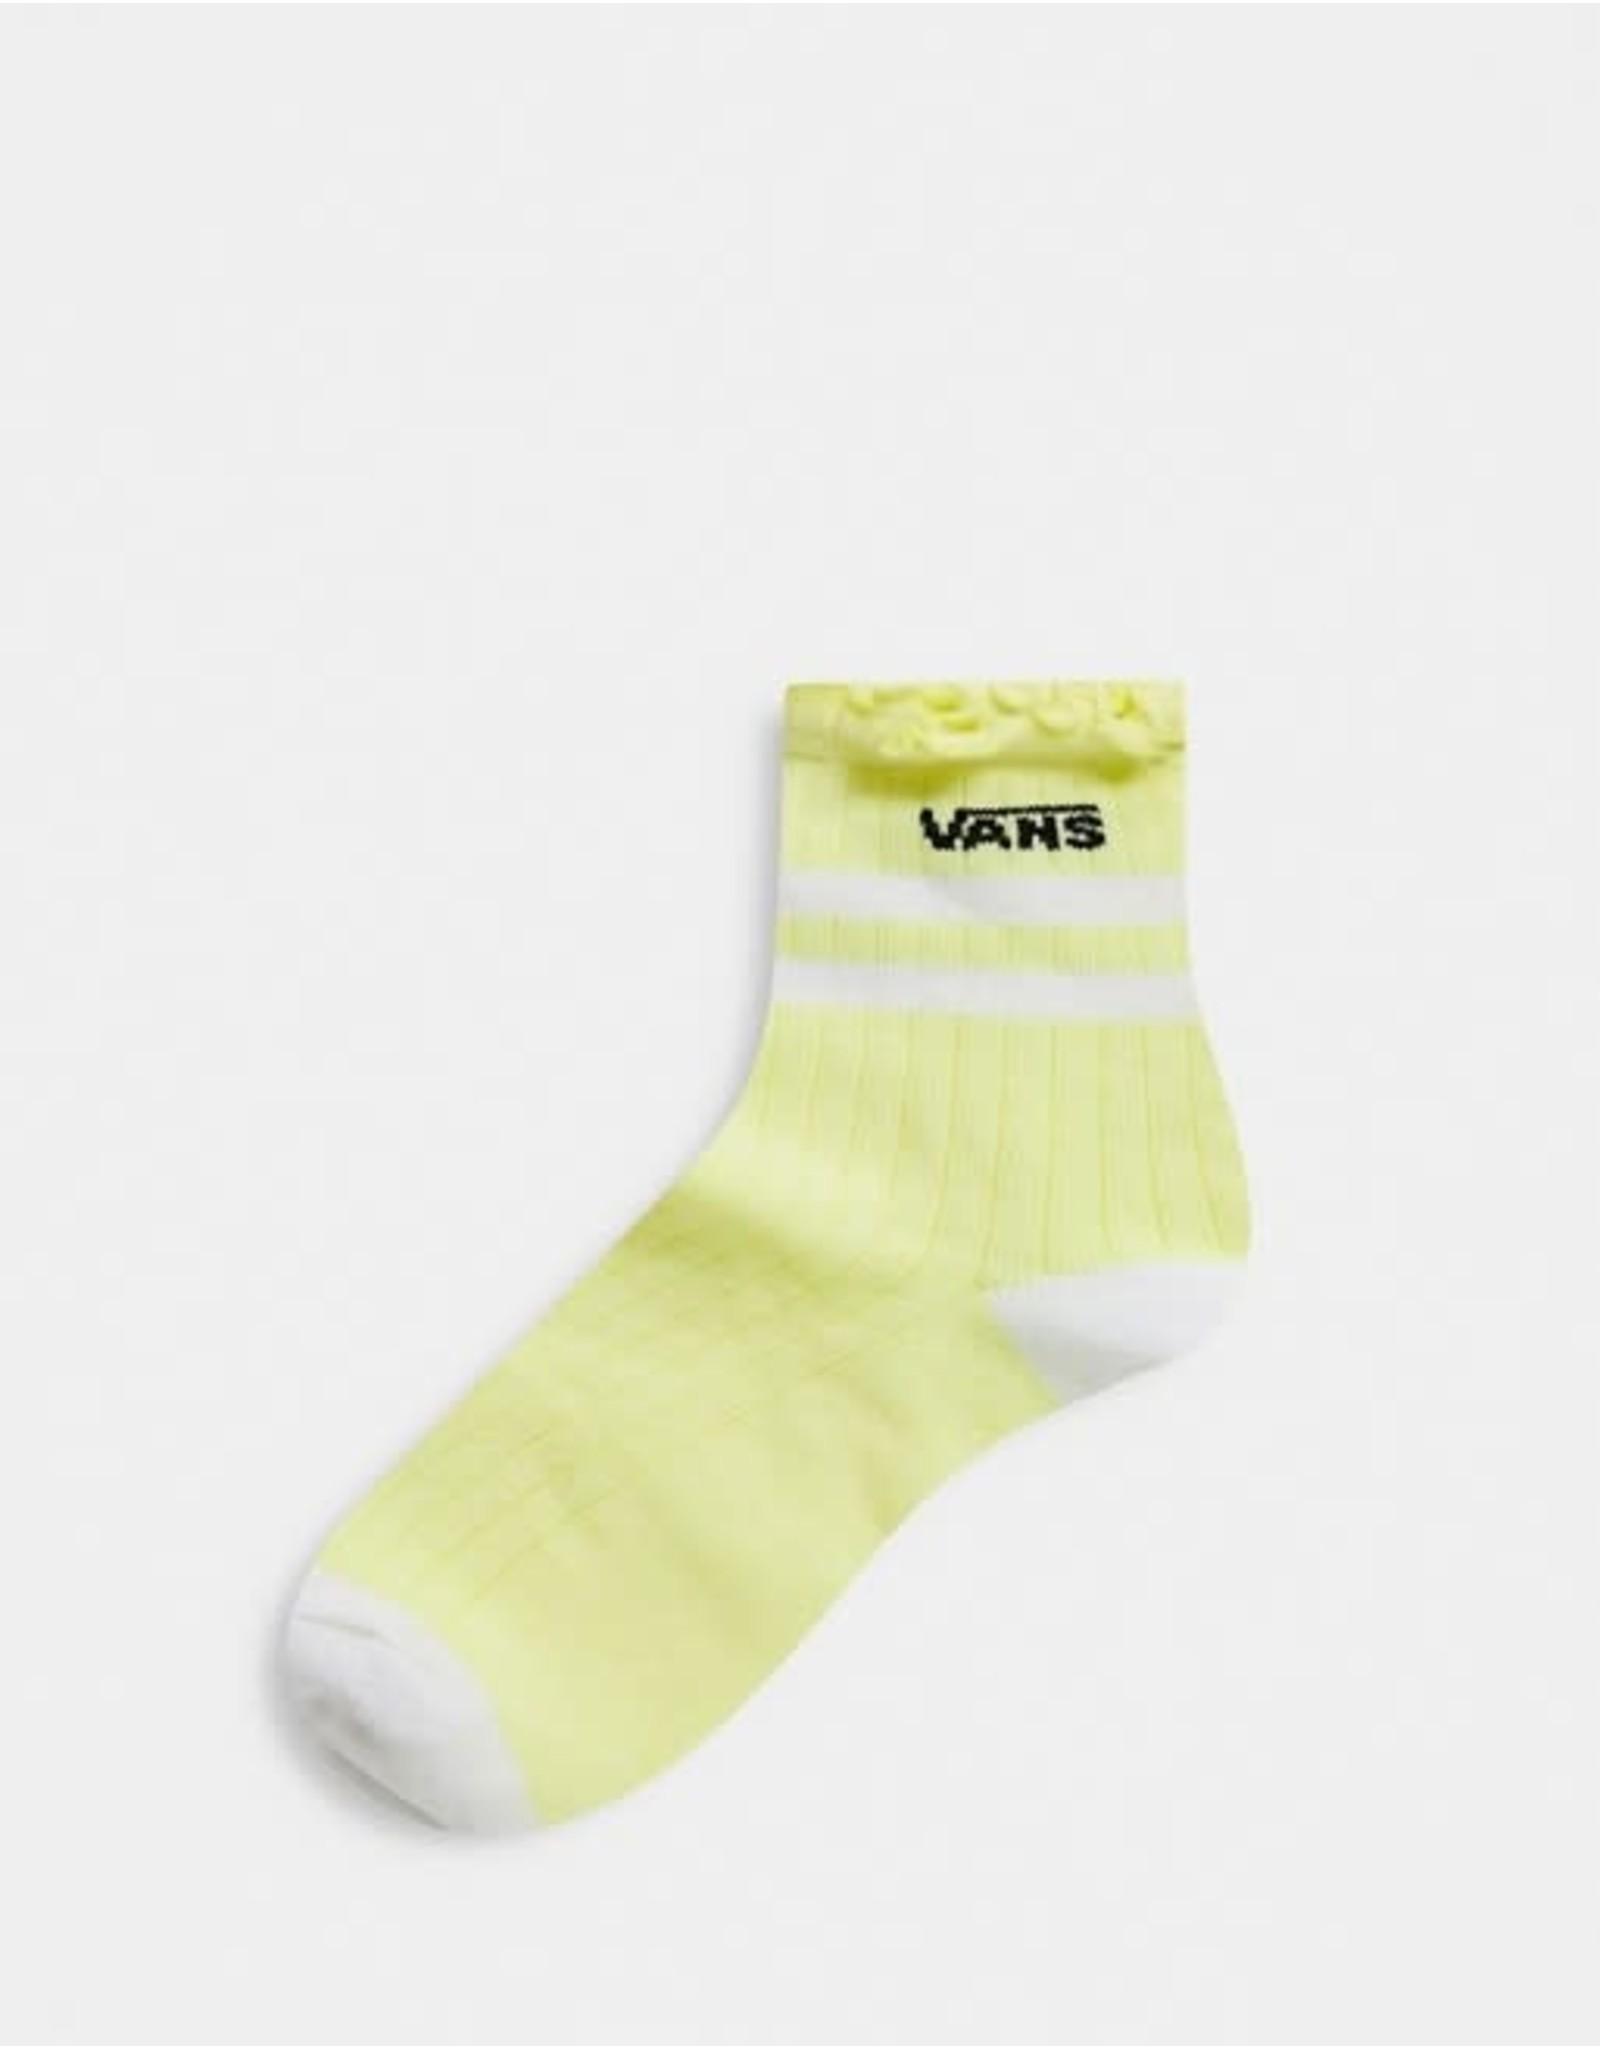 vans Vans - Bas femme ruffed yellow pear